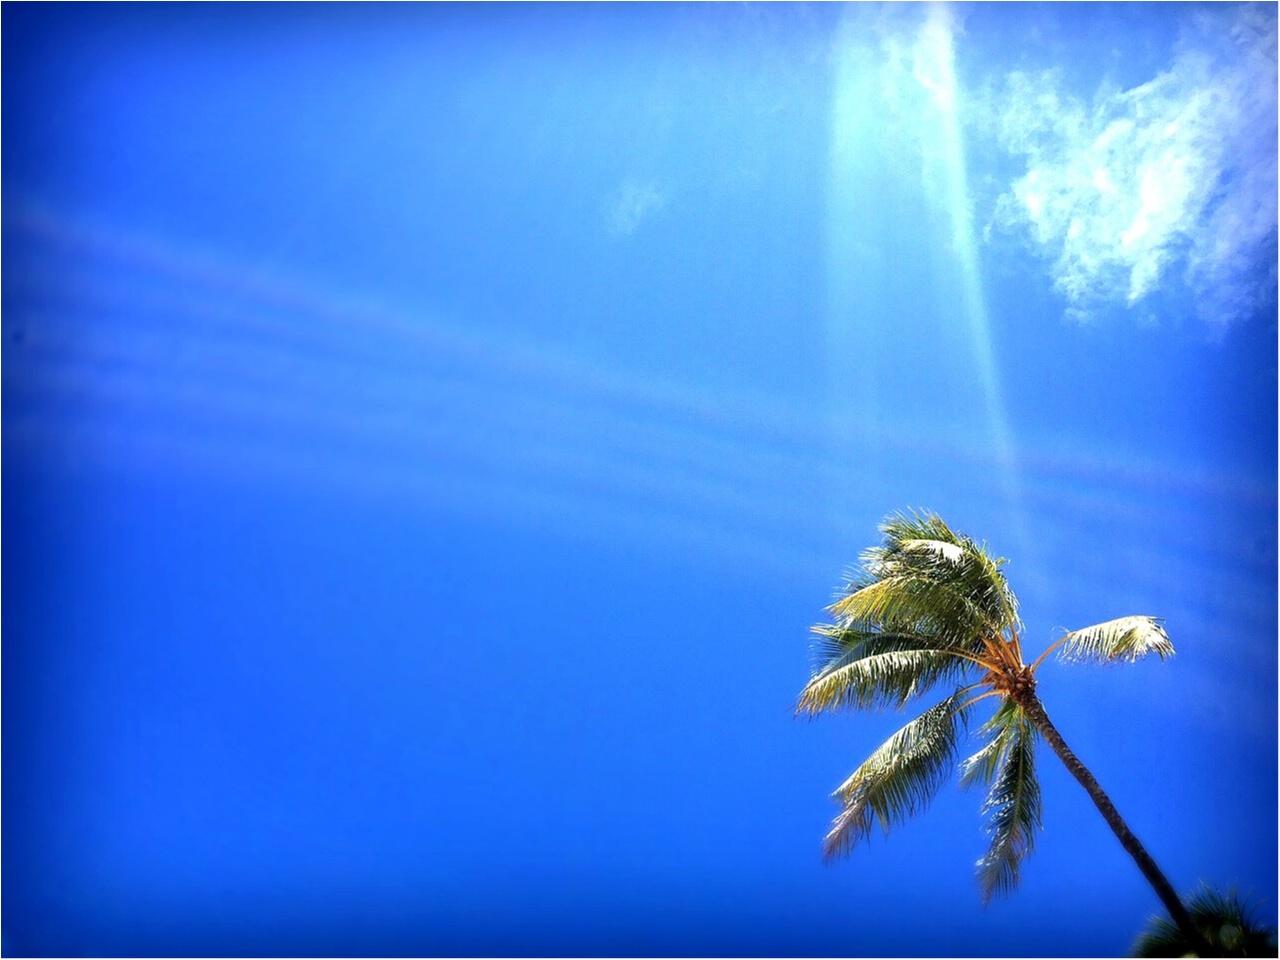 お休みの平日はビーチスタイルでお出かけしたい。byじゅな_1